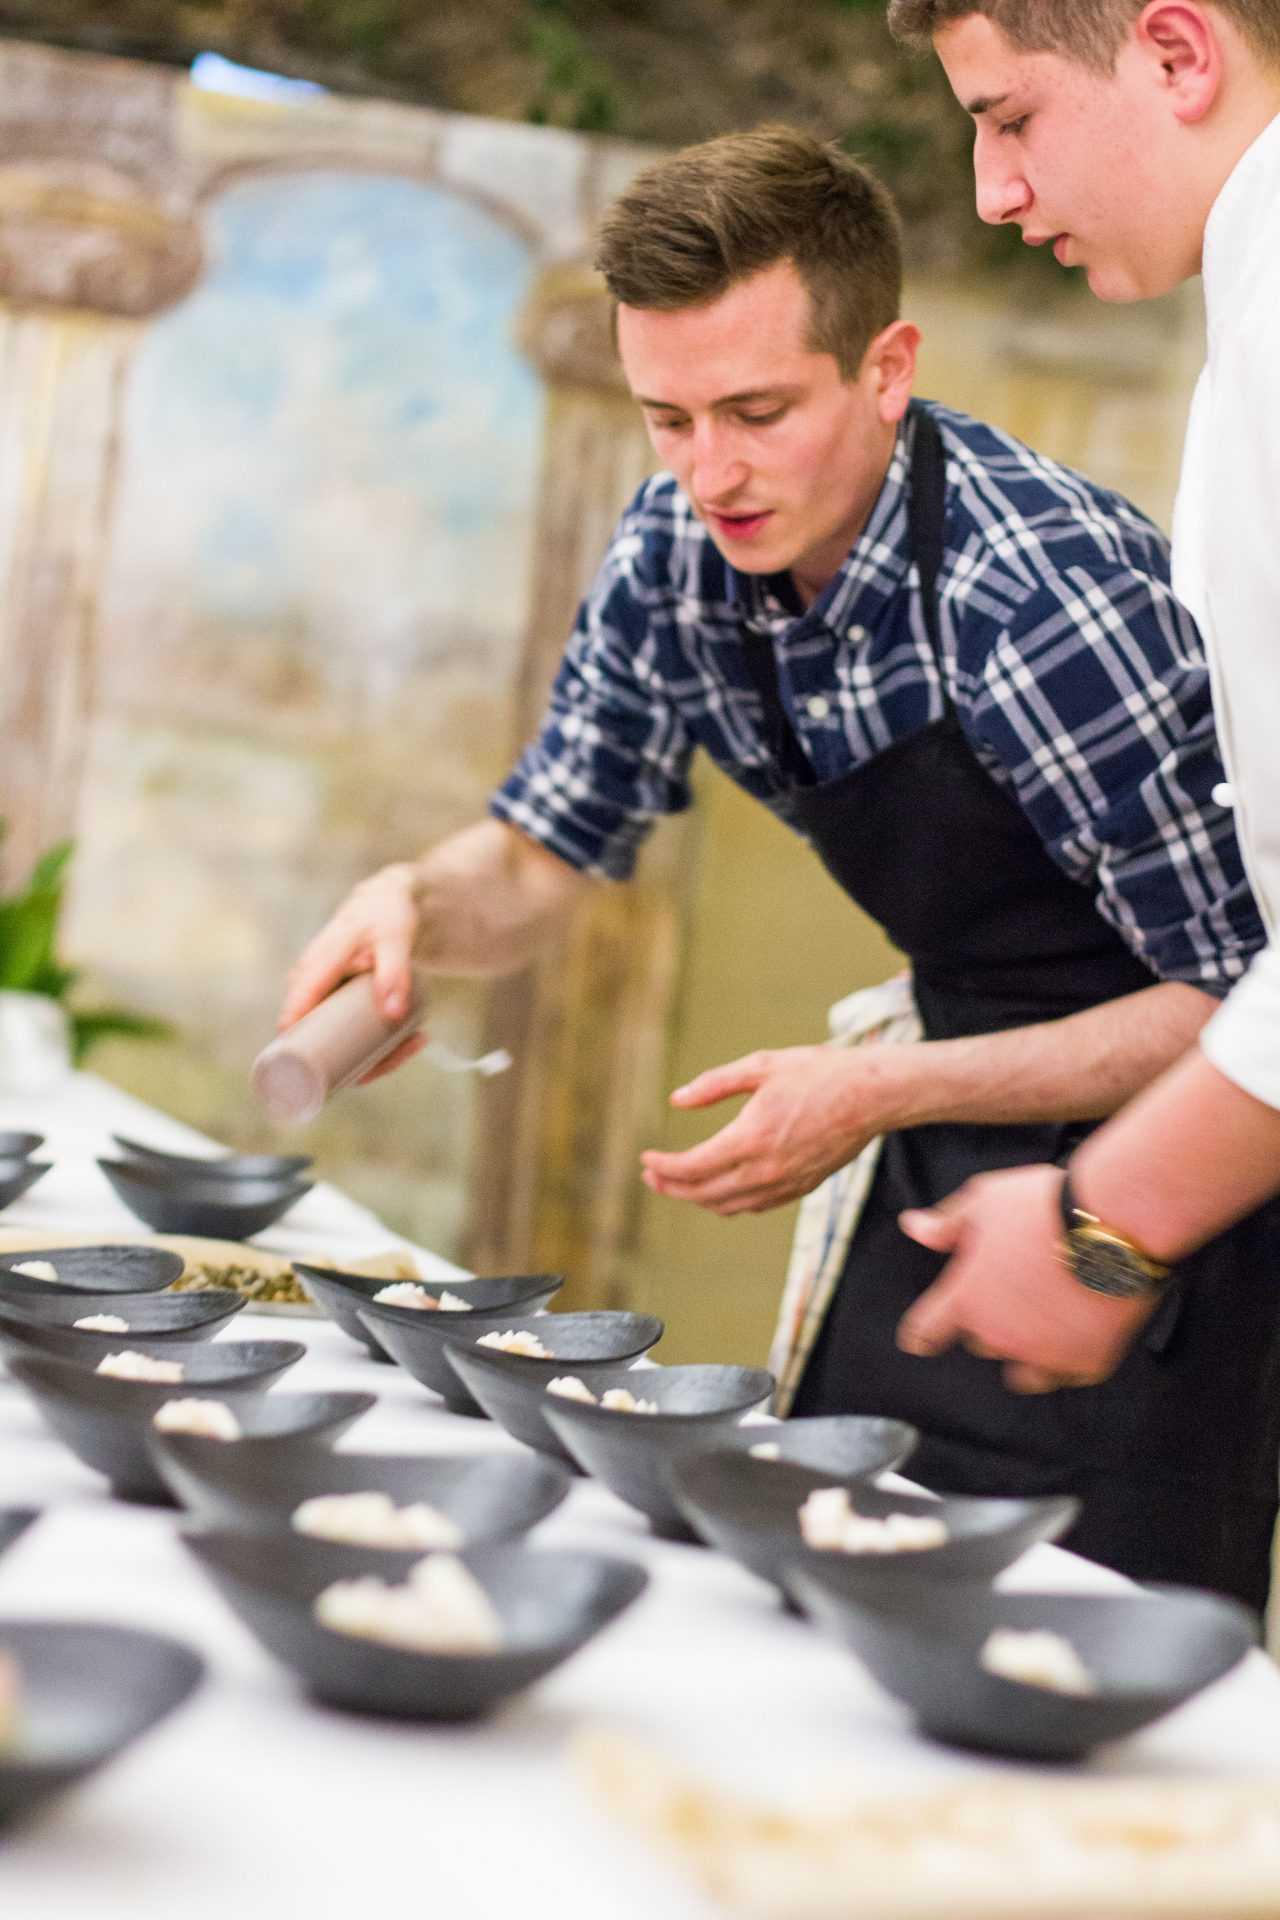 Chef Instructor Stephen La Rosa. Photo credit - Andrea Urso